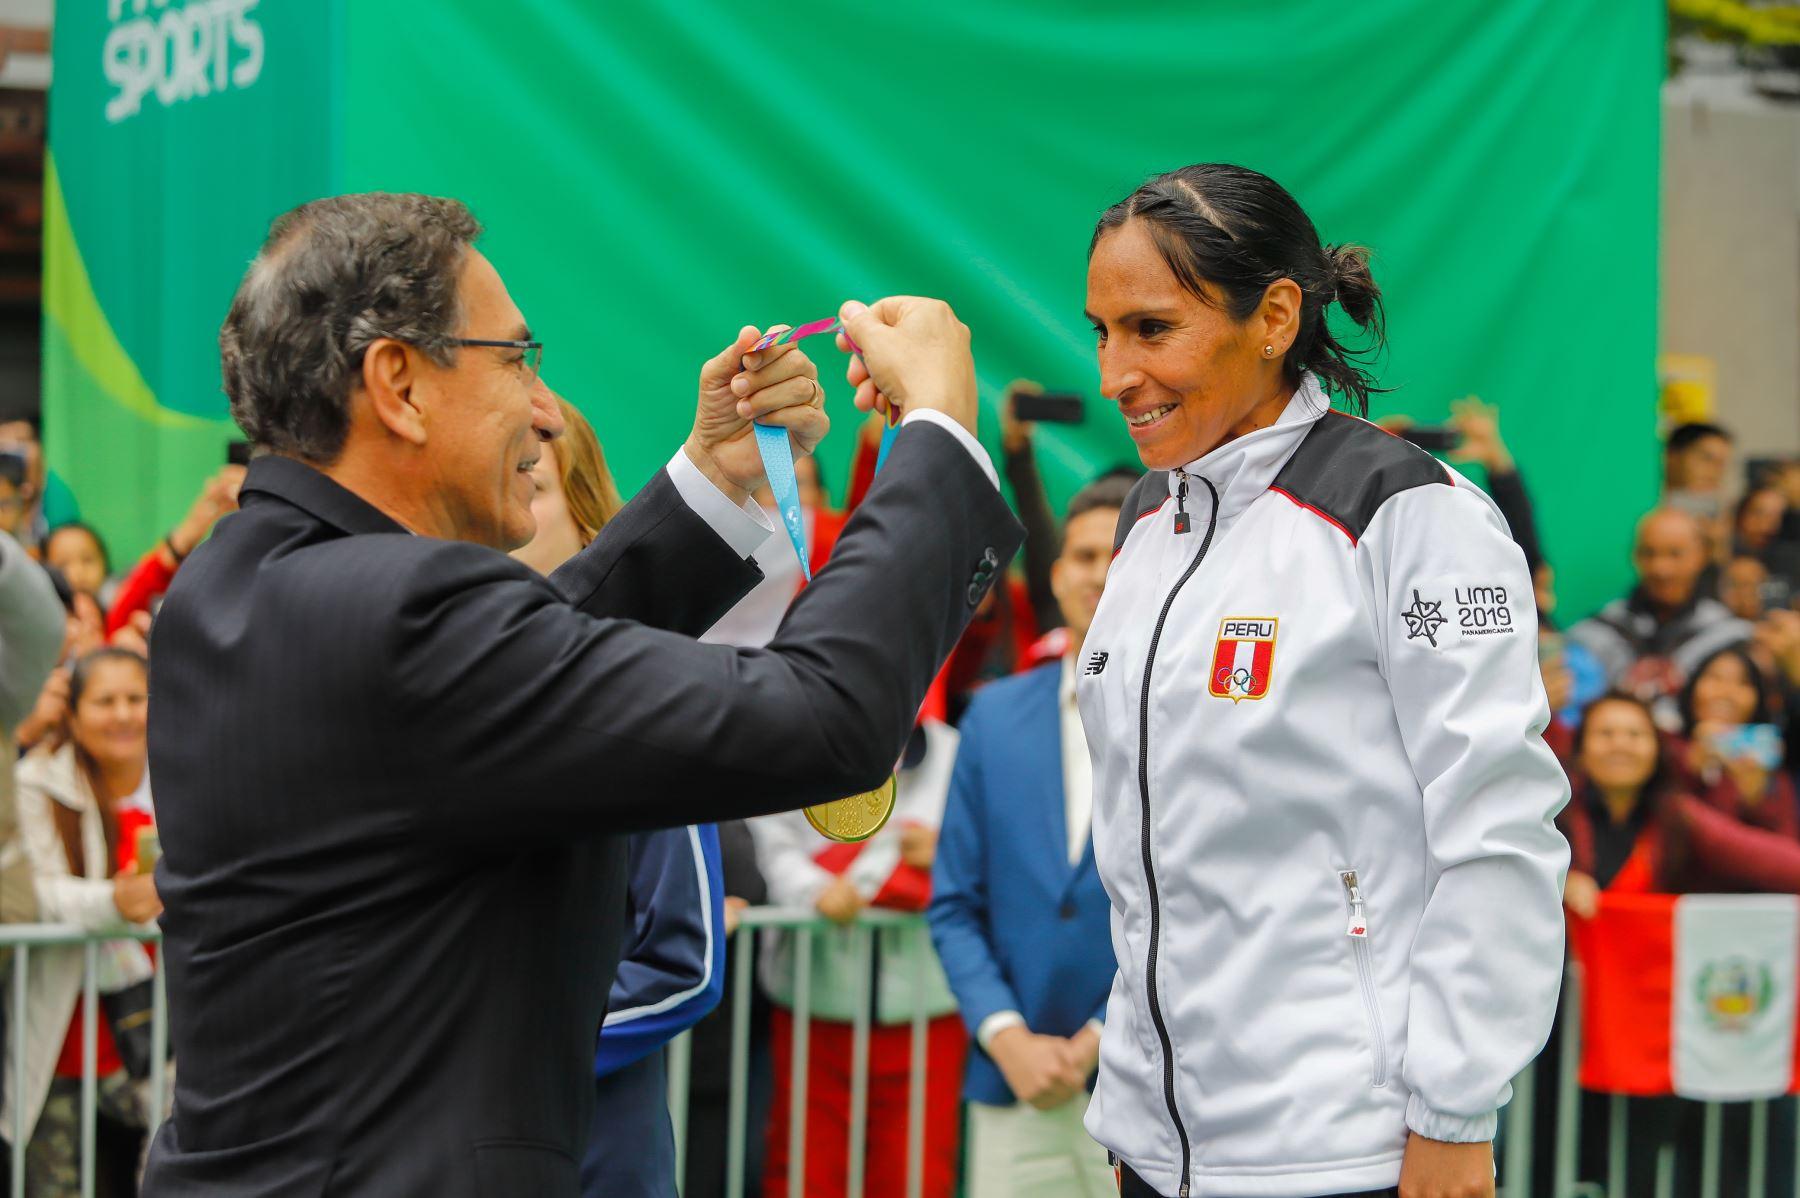 El presidente de la República, Martín Vizcarra, entregó hoy la medalla de oro a los atletas nacionales Gladys Tejeda y Christian Pacheco, campeones panamericanos en la maratón de mujeres y varones respectivamente, en los Juegos Panamericanos Lima 2019.  Foto: ANDINA/Prensa Presidencia